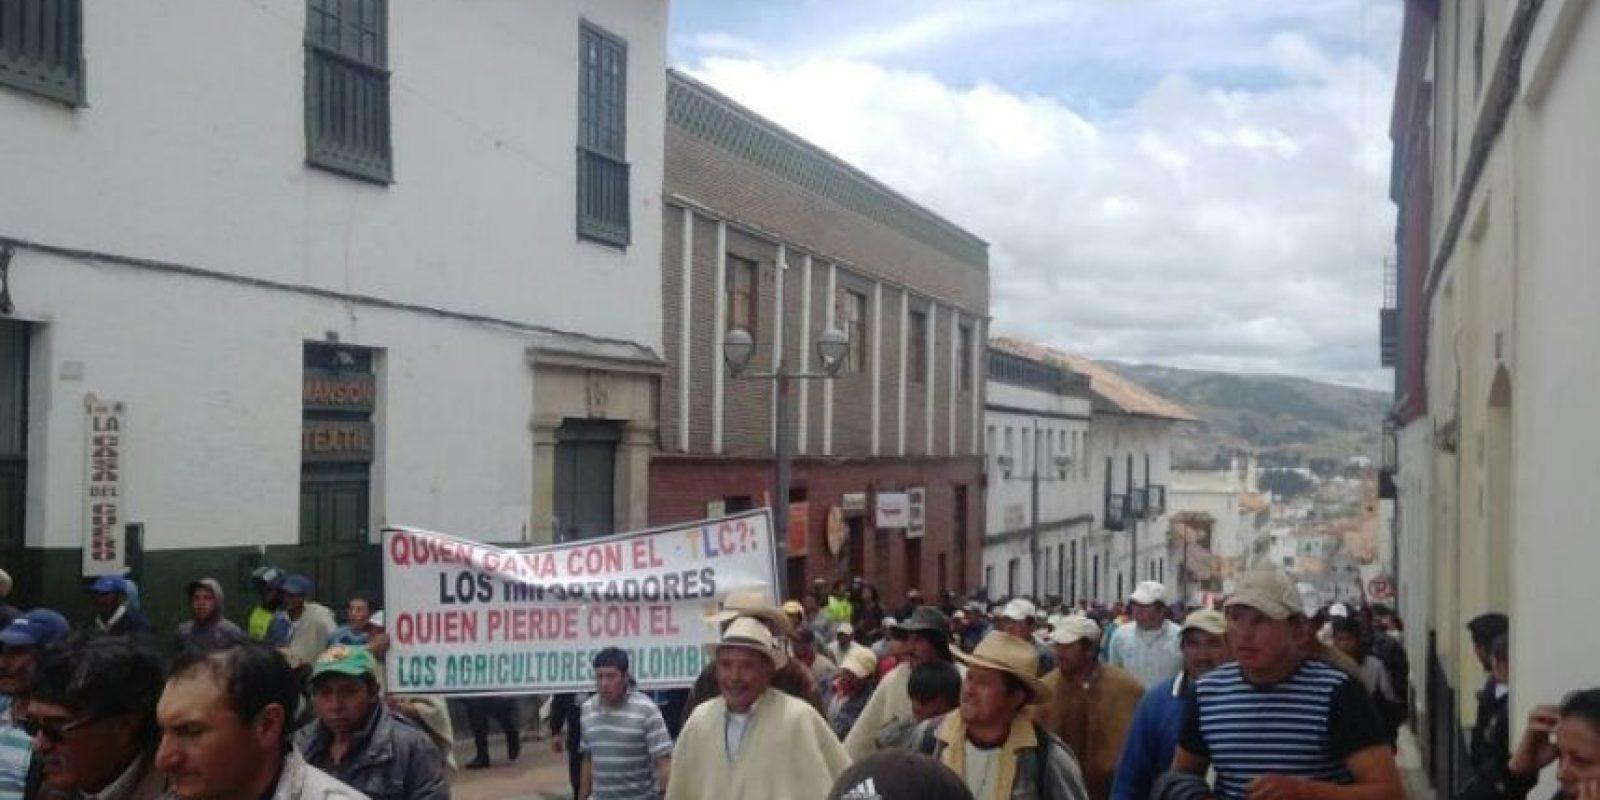 Foto:Cortesía Andrés Fernando Serrano